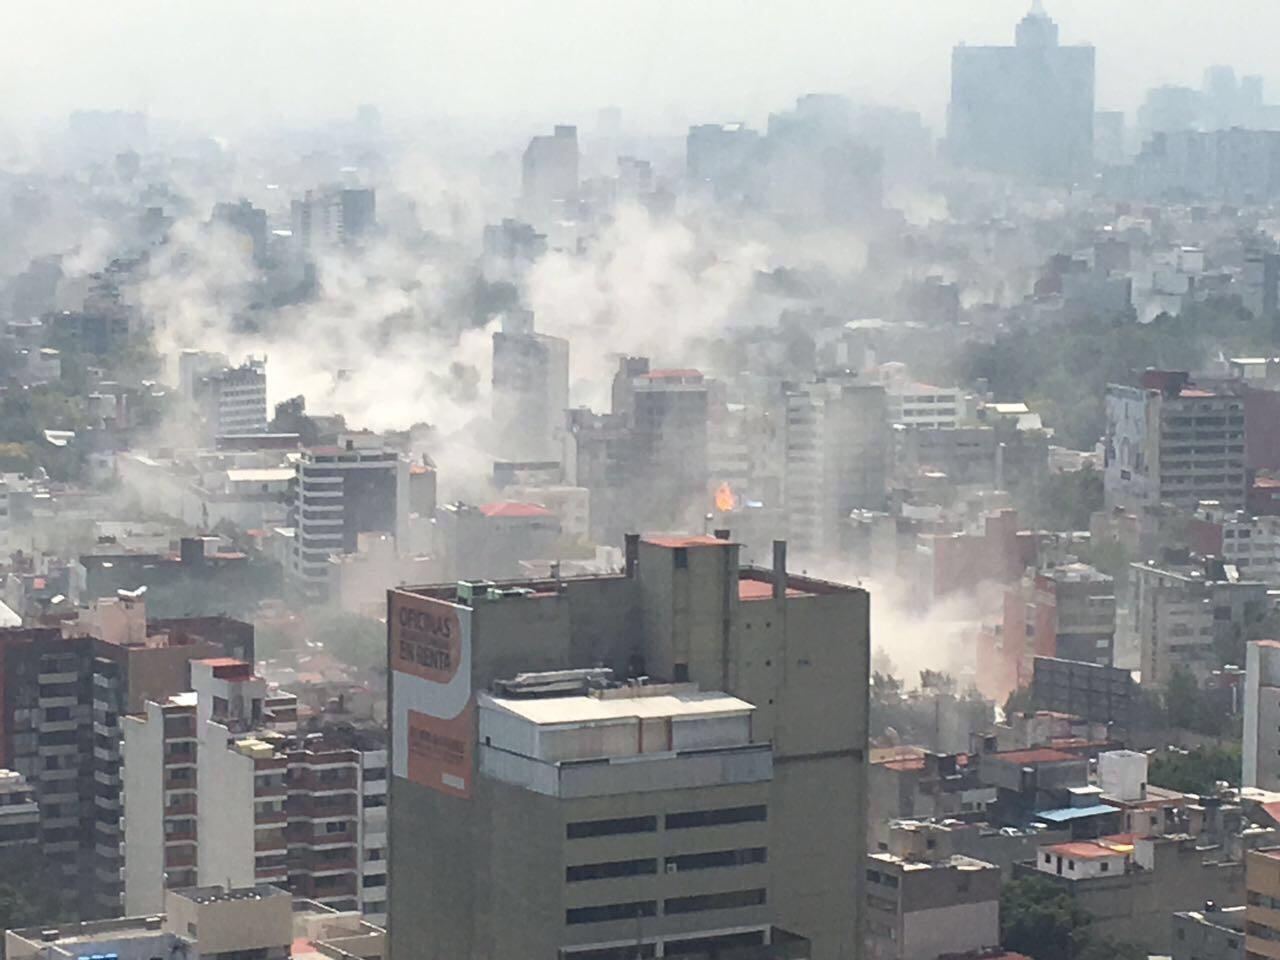 25 fotos y videos que muestran el colapso de la CDMX tras el sismo